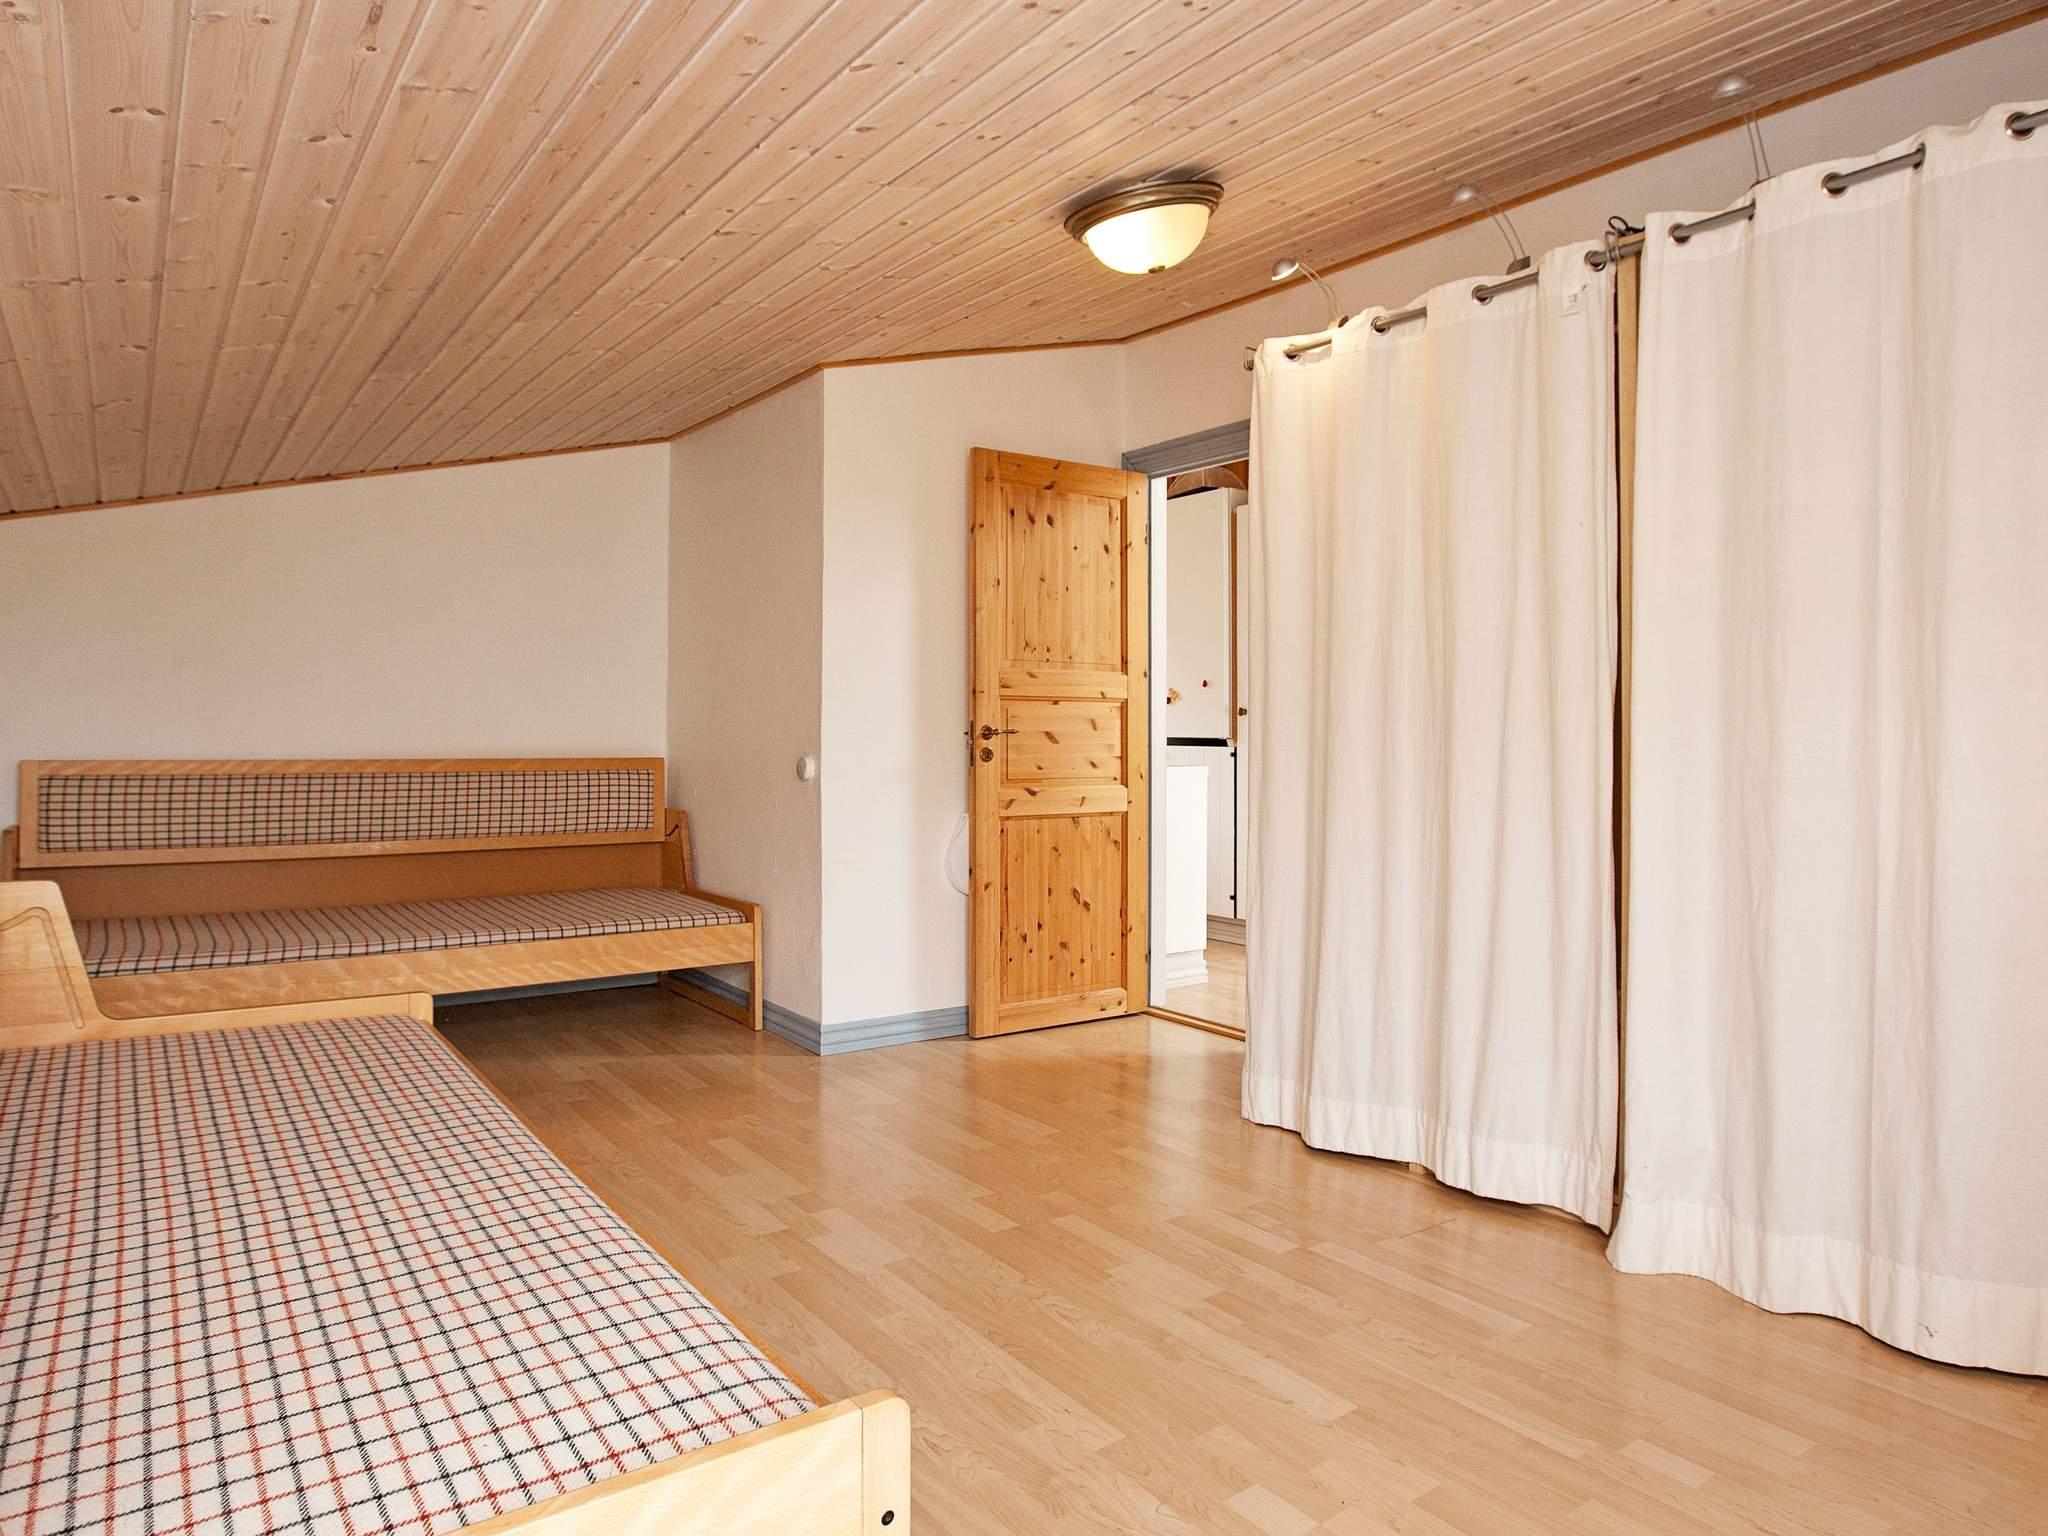 Ferienhaus Vellerup Sommerby (1606723), Vellerup, , Nordseeland, Dänemark, Bild 13